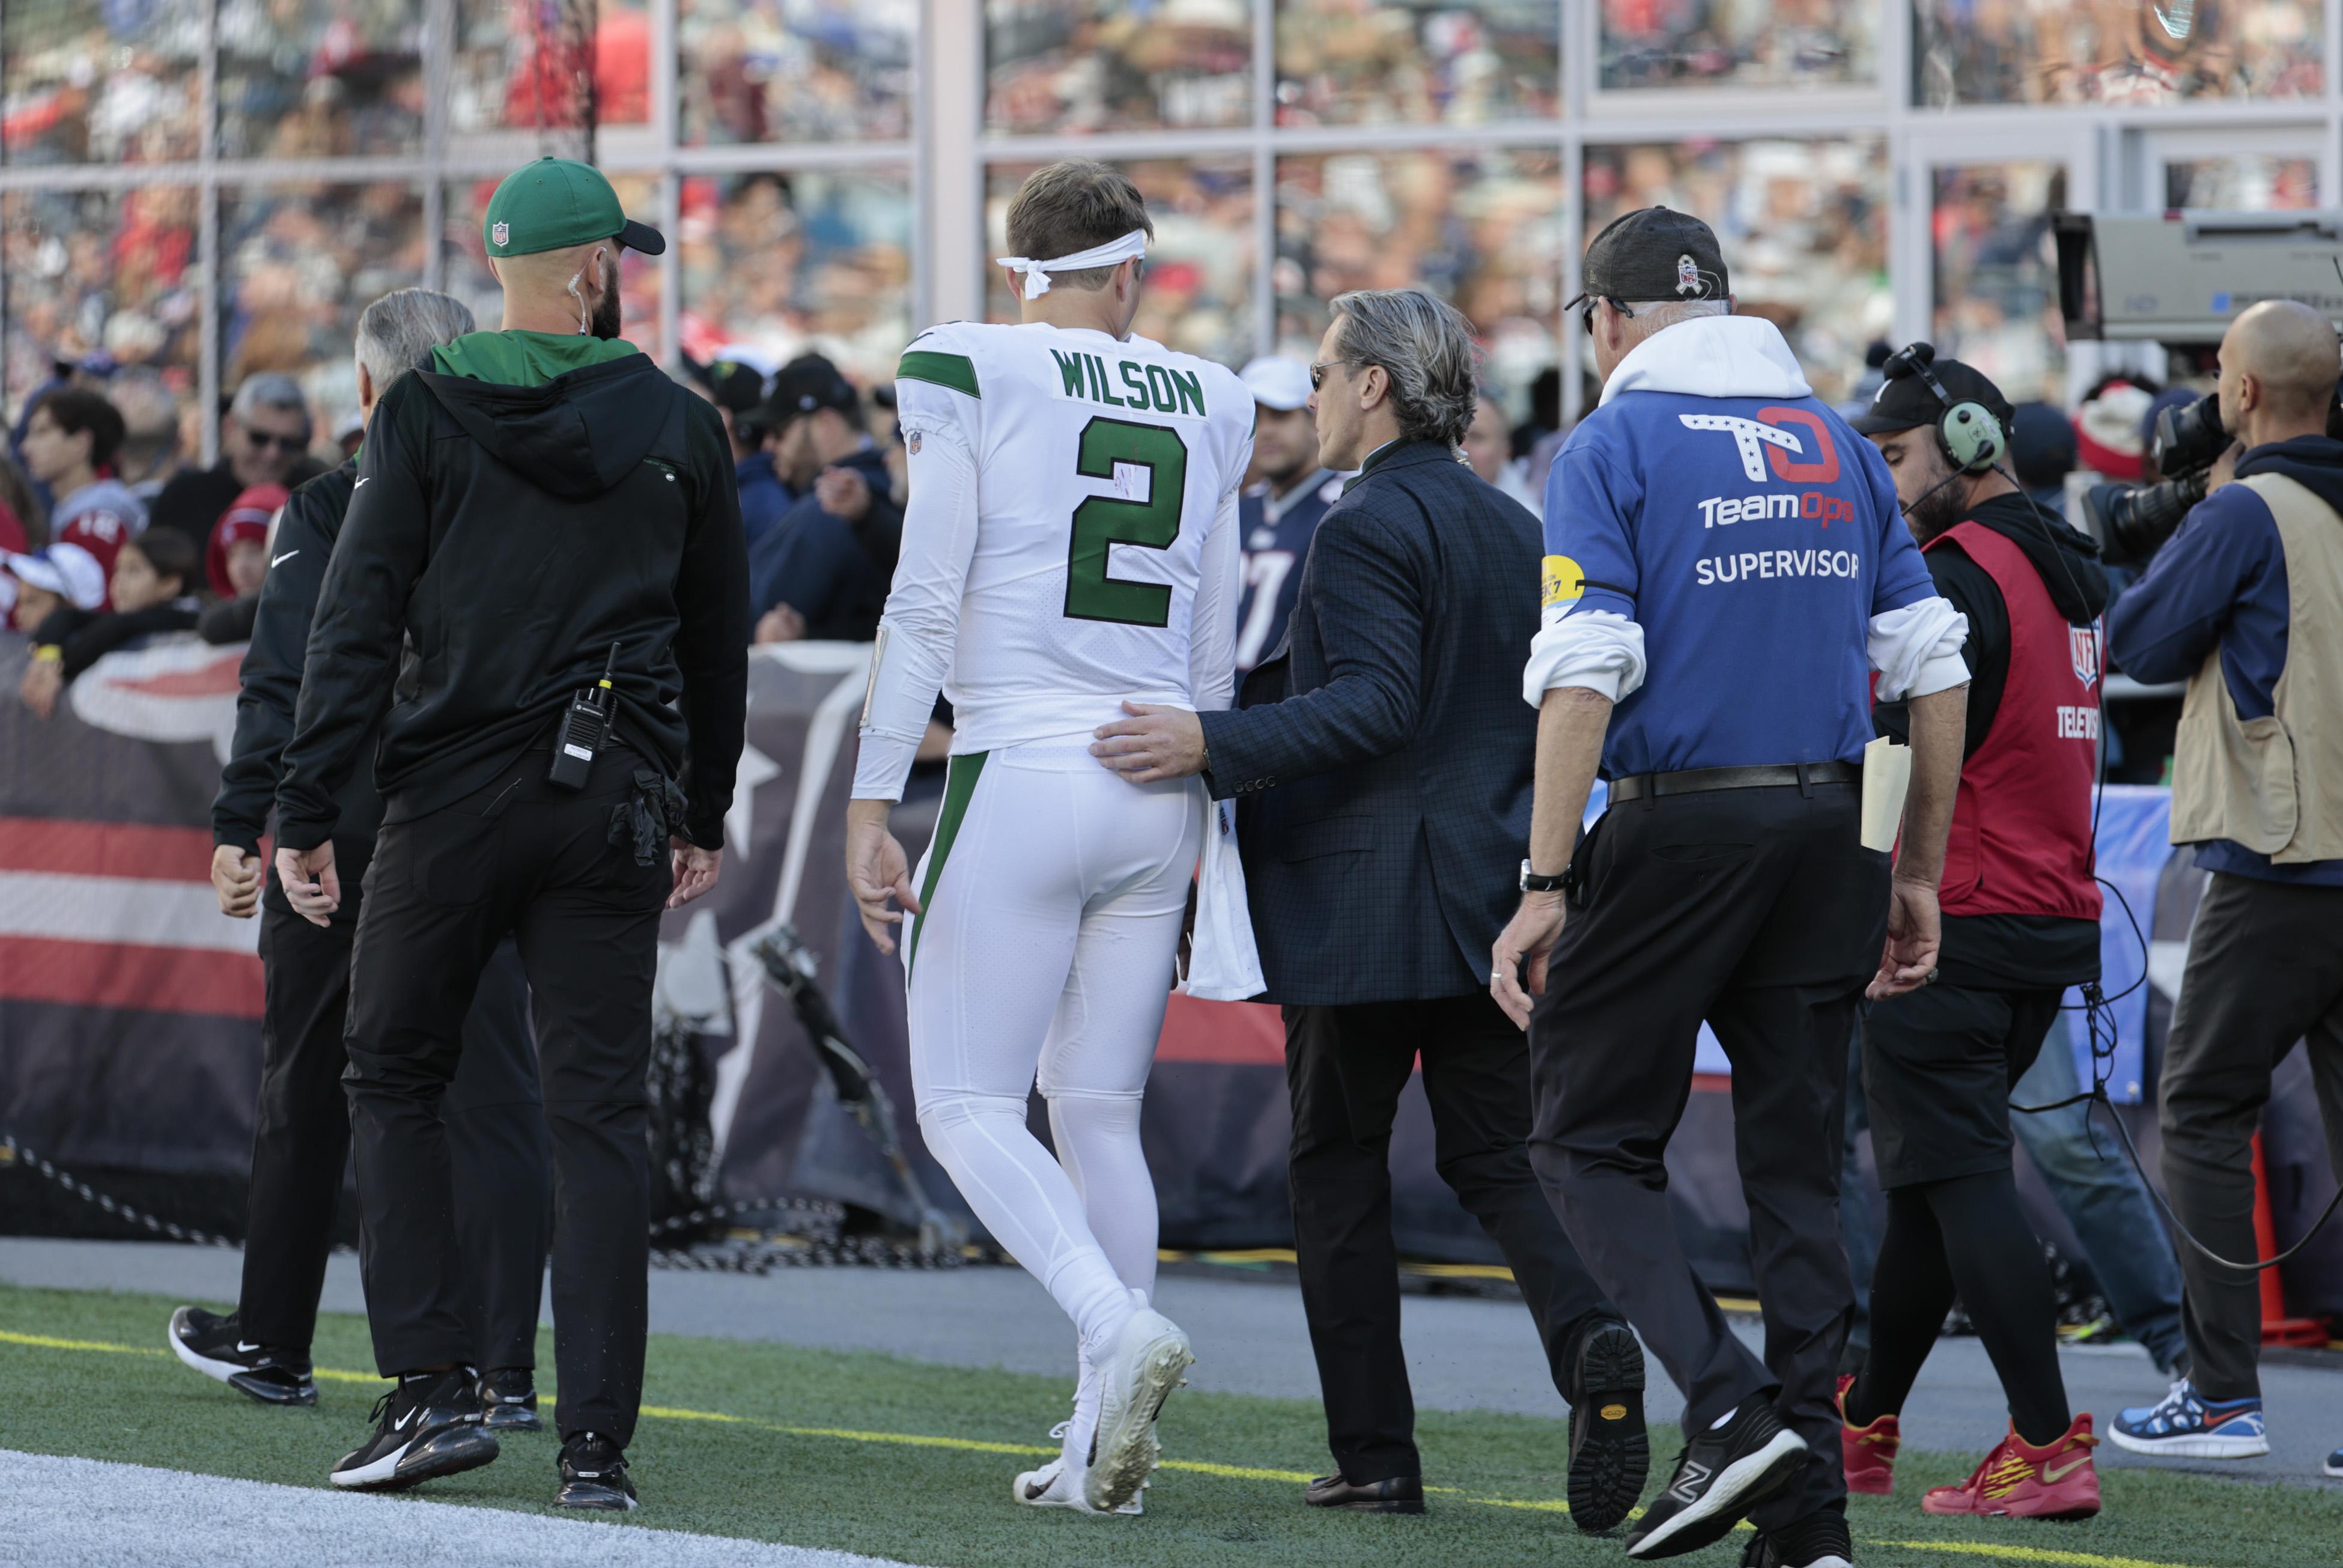 NFL: OCT 24 Jets at Patriots